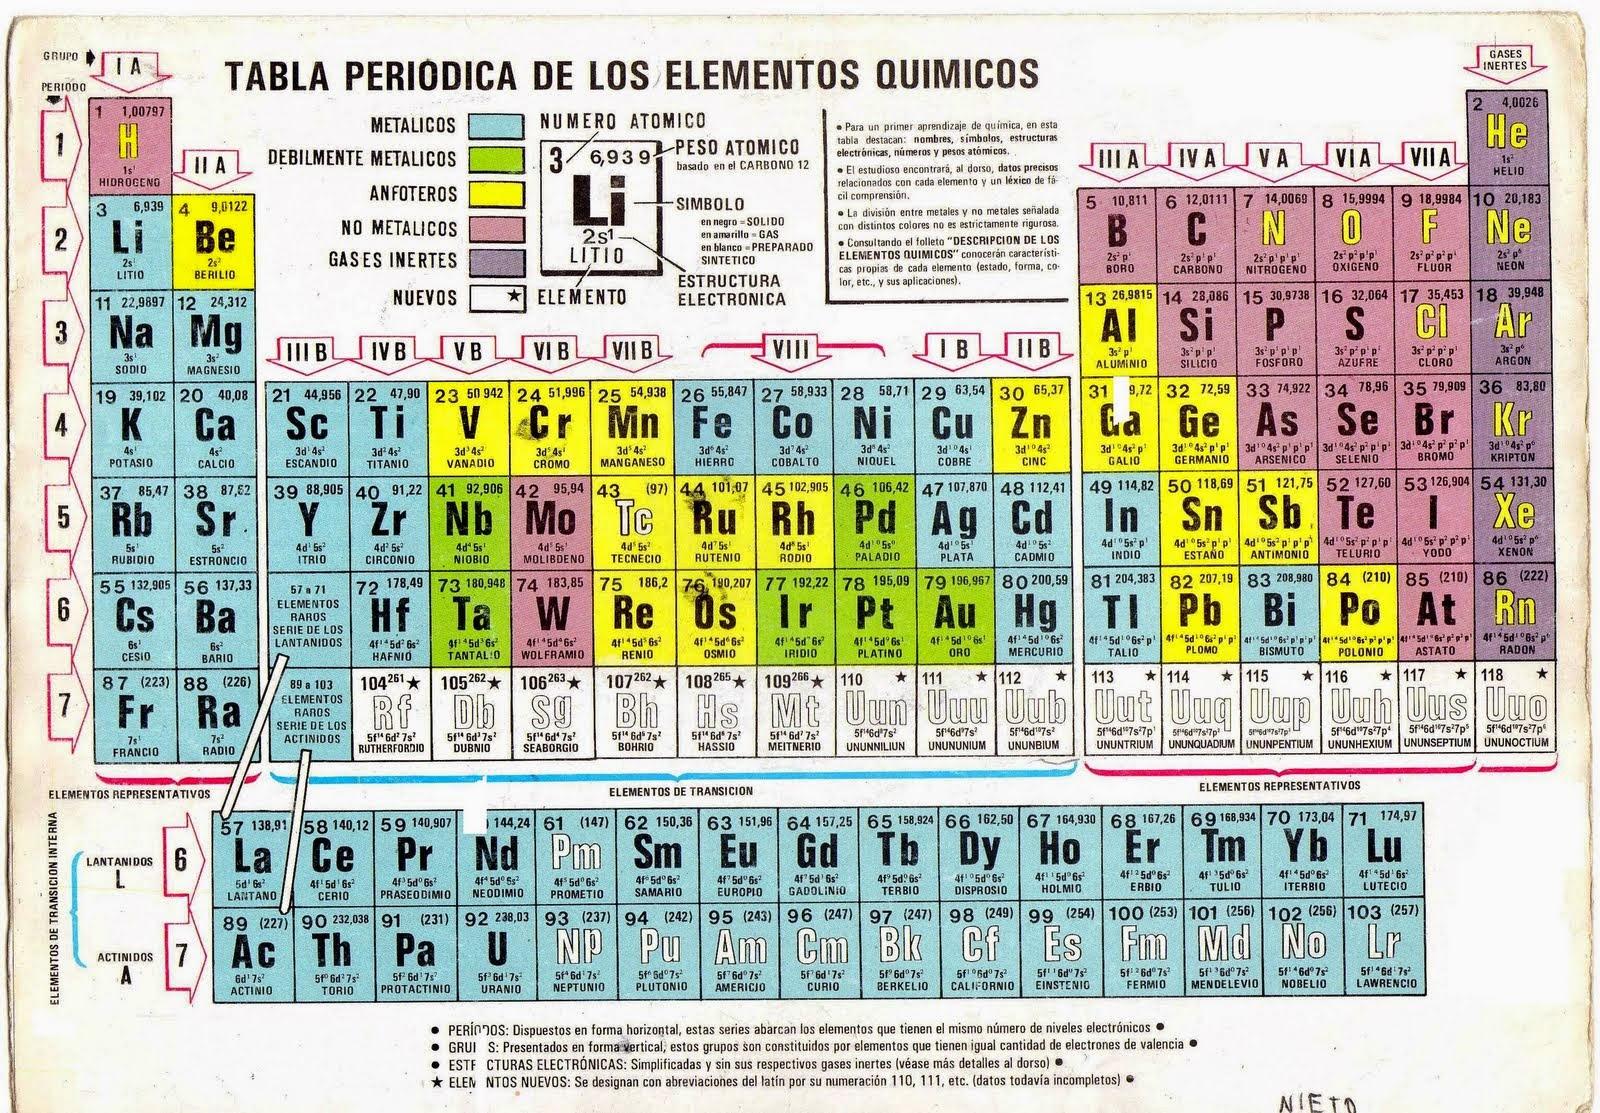 Modelo atmico de niels bohr teoria atomica a finalizar el siglo xix el descubrimiento de la radiactividad por becquerel y los primero aos del siglo xx con la contribucin de max planck urtaz Images